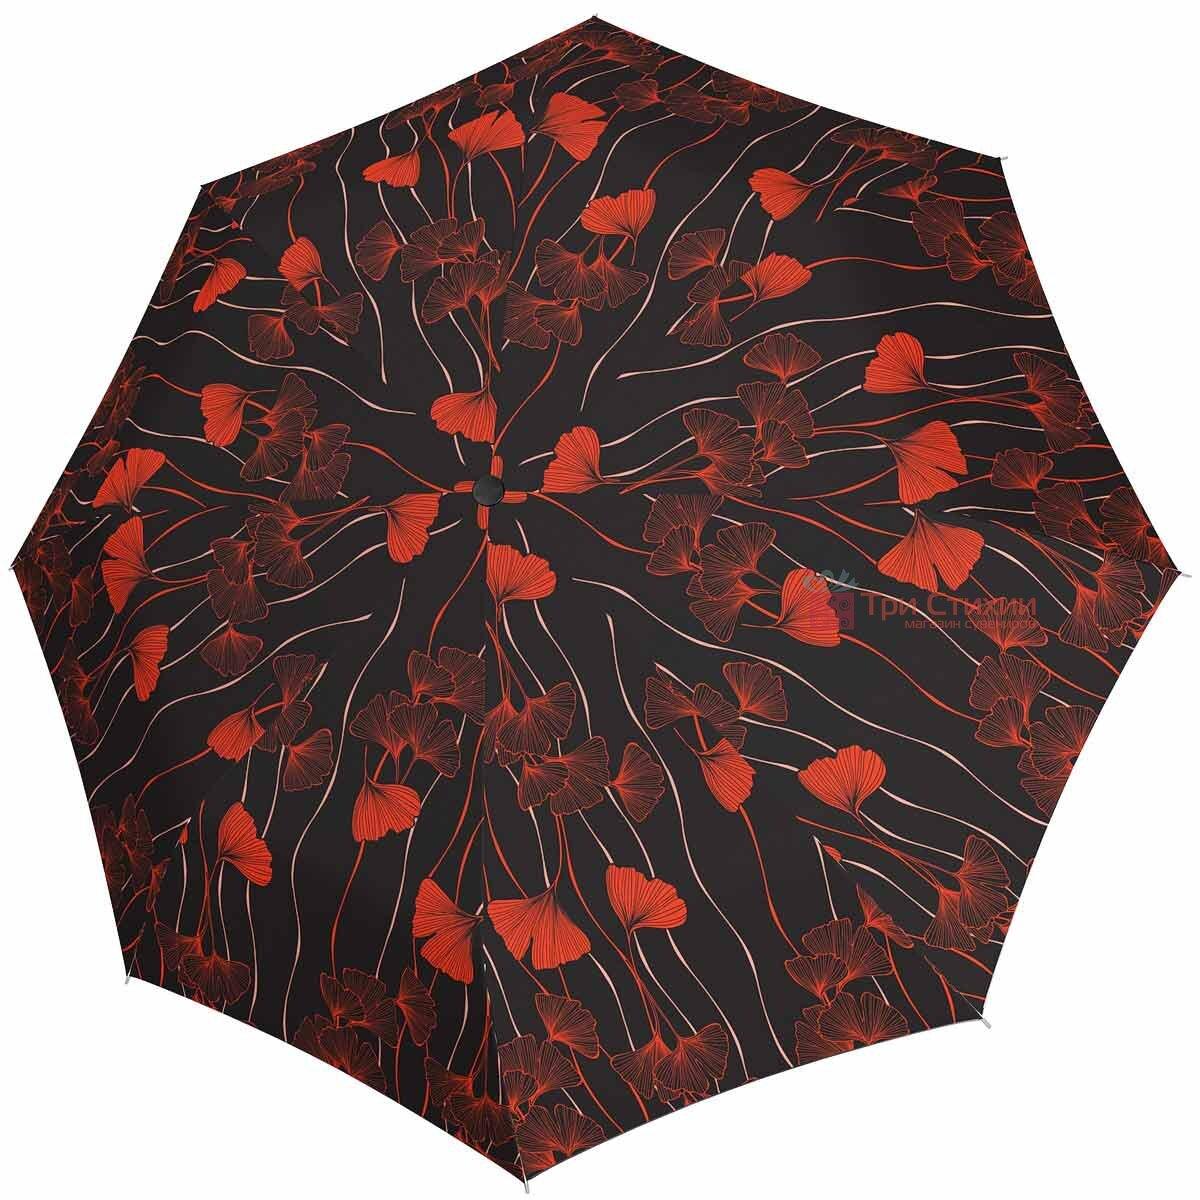 Зонт складной Doppler Satin 74665GFGR03 полный автомат Коричневый, фото